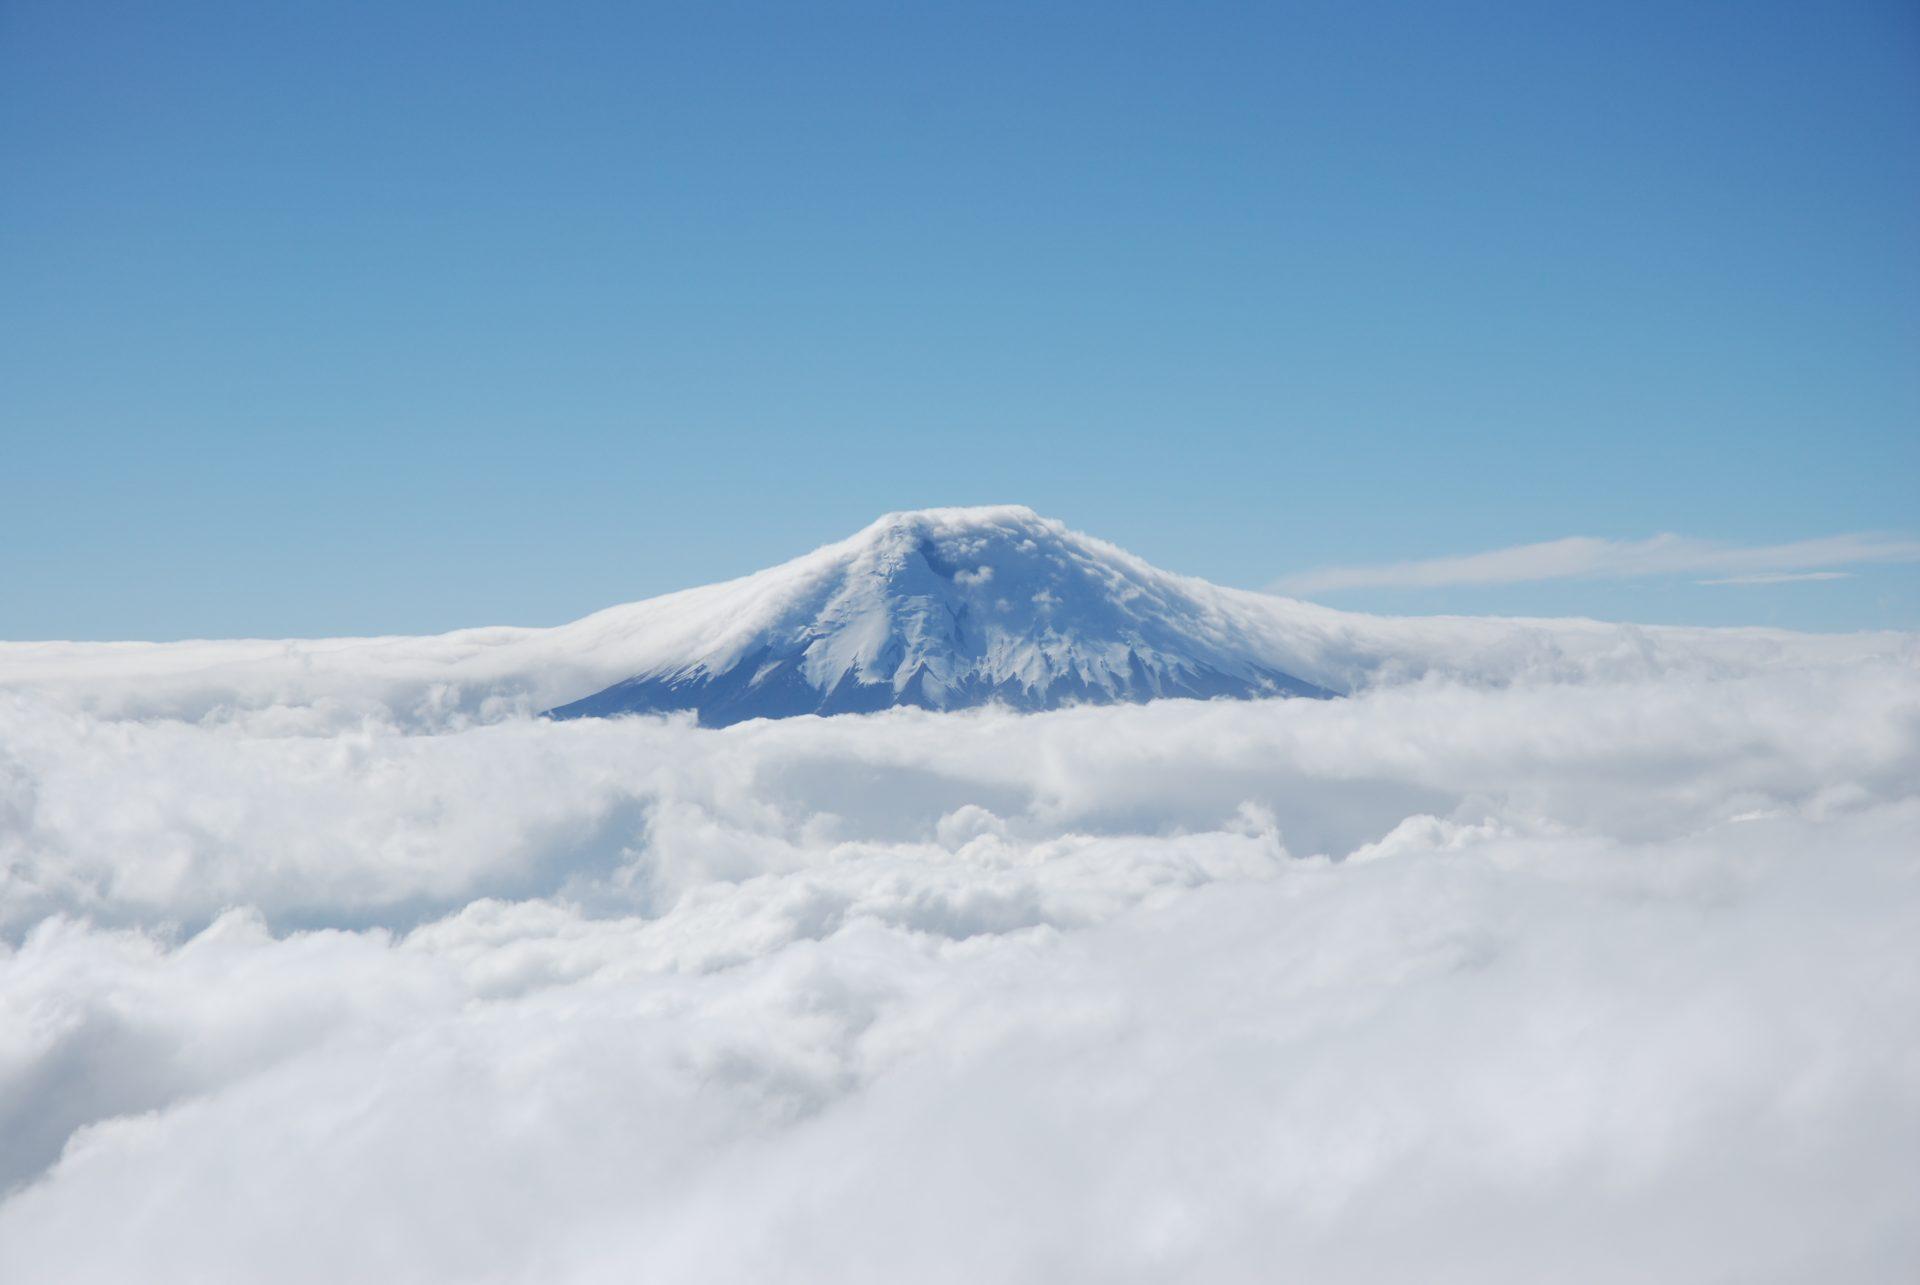 Equateur - Cotopaxi - Le volcan émerge des nuages